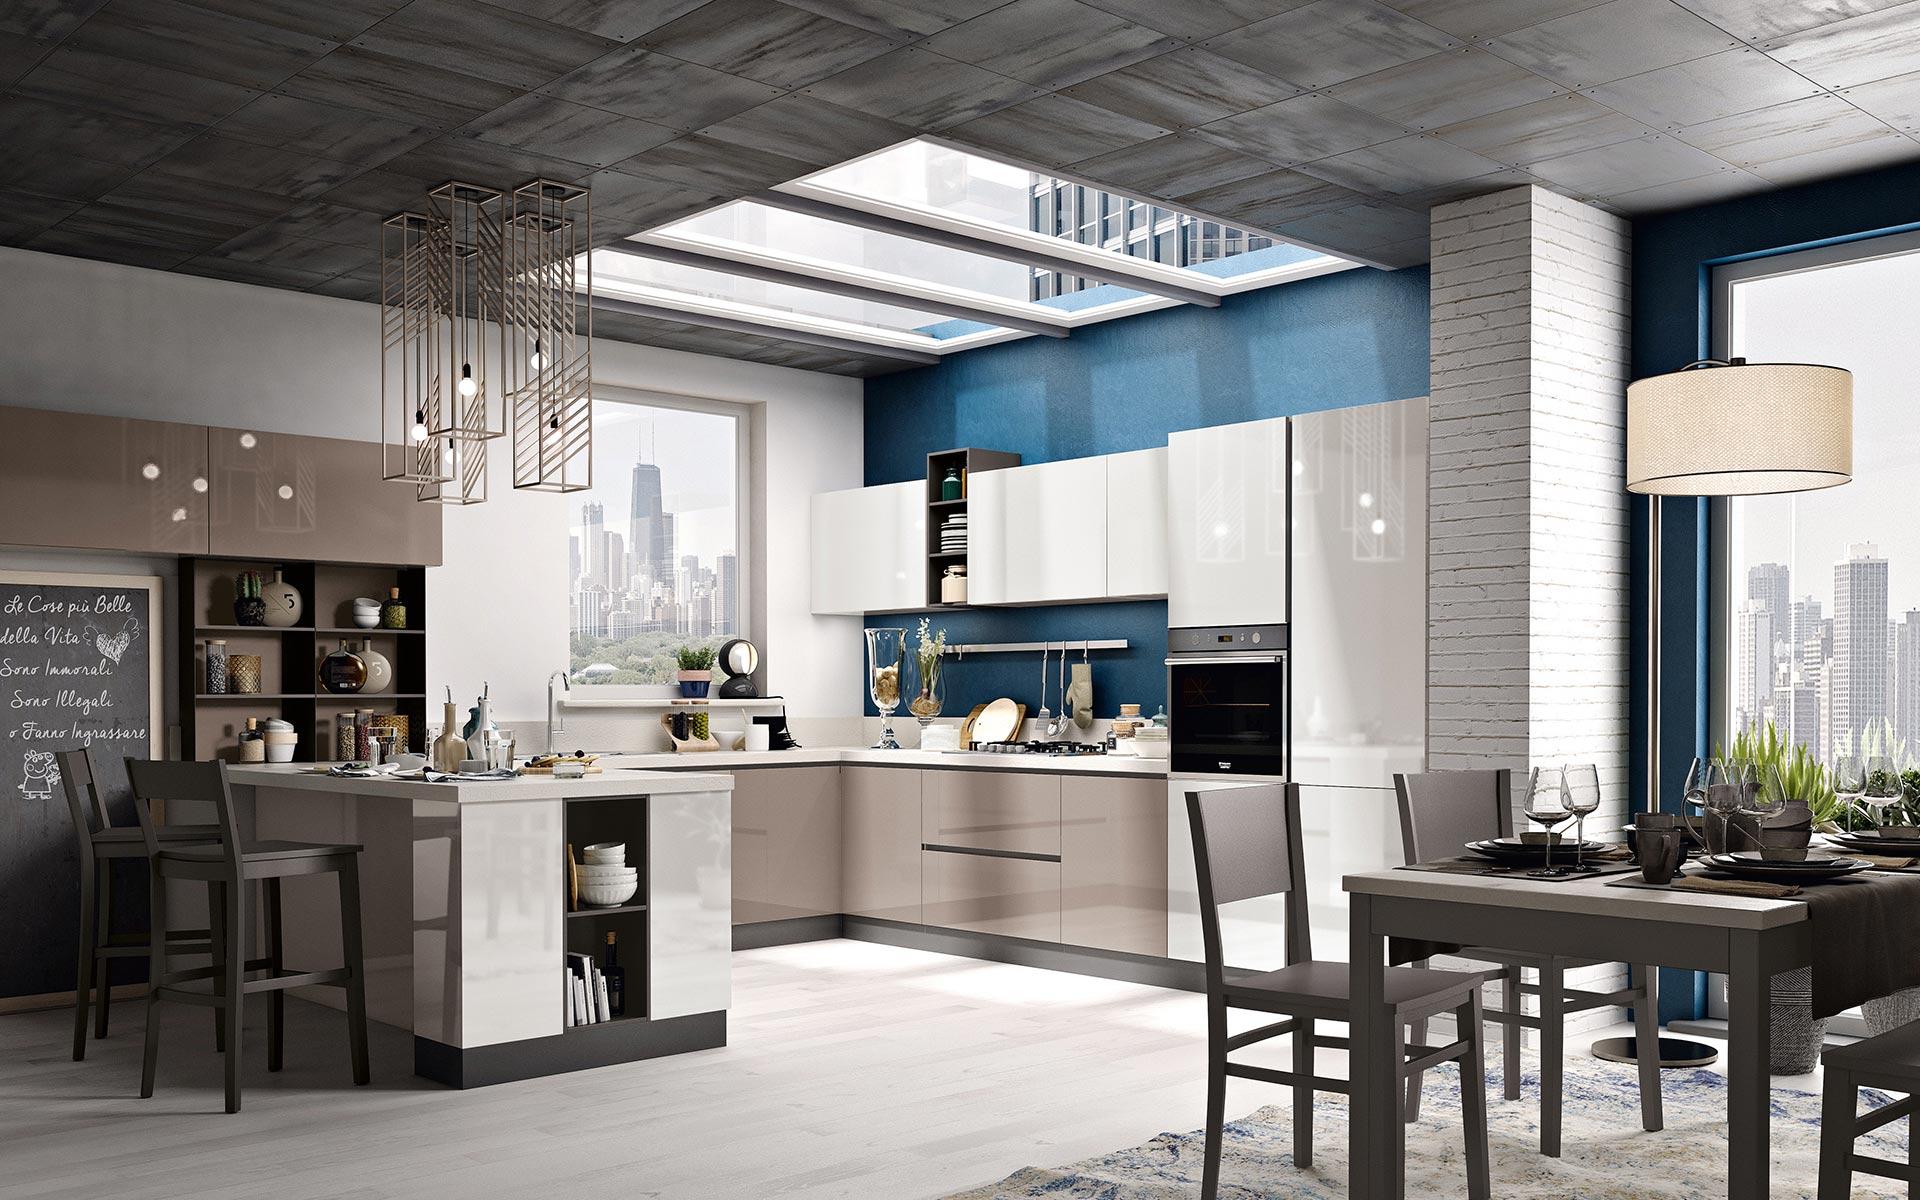 Camere Da Letto Piu Belle Del Mondo cucine componibili, arredamento soggiorno e camera | spar